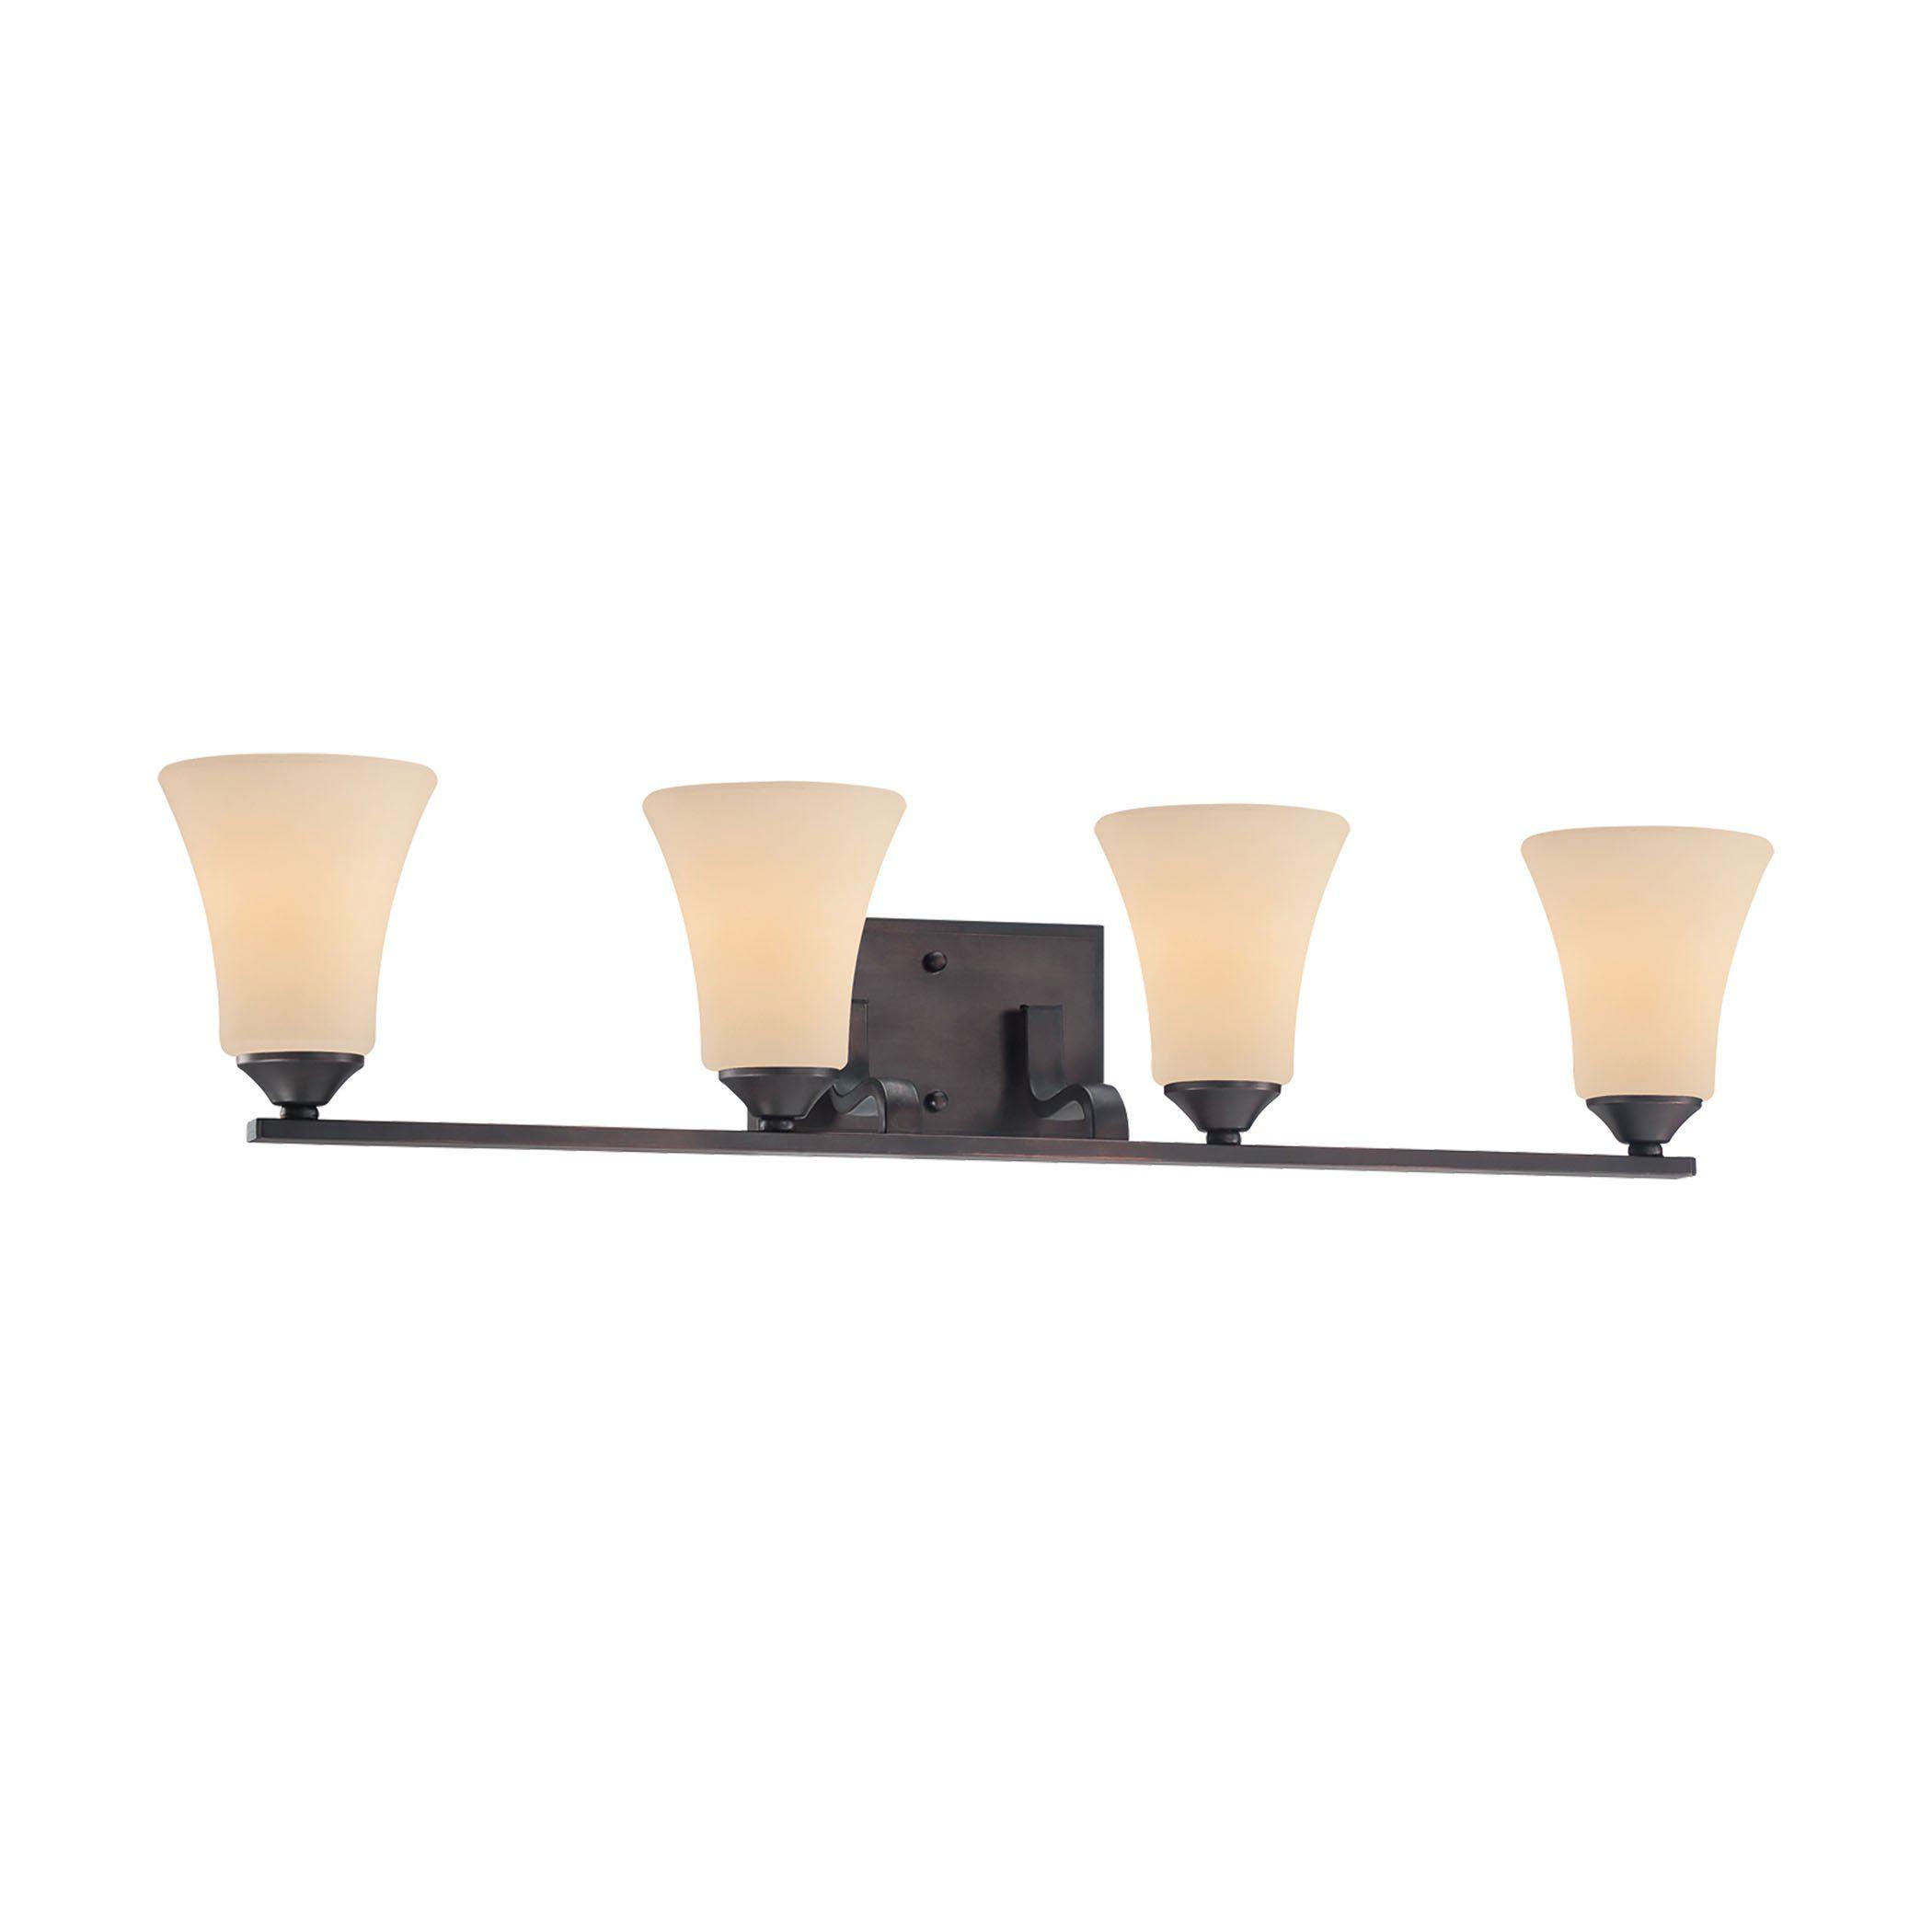 Treme wall lamp espresso xw v tv espresso walls and